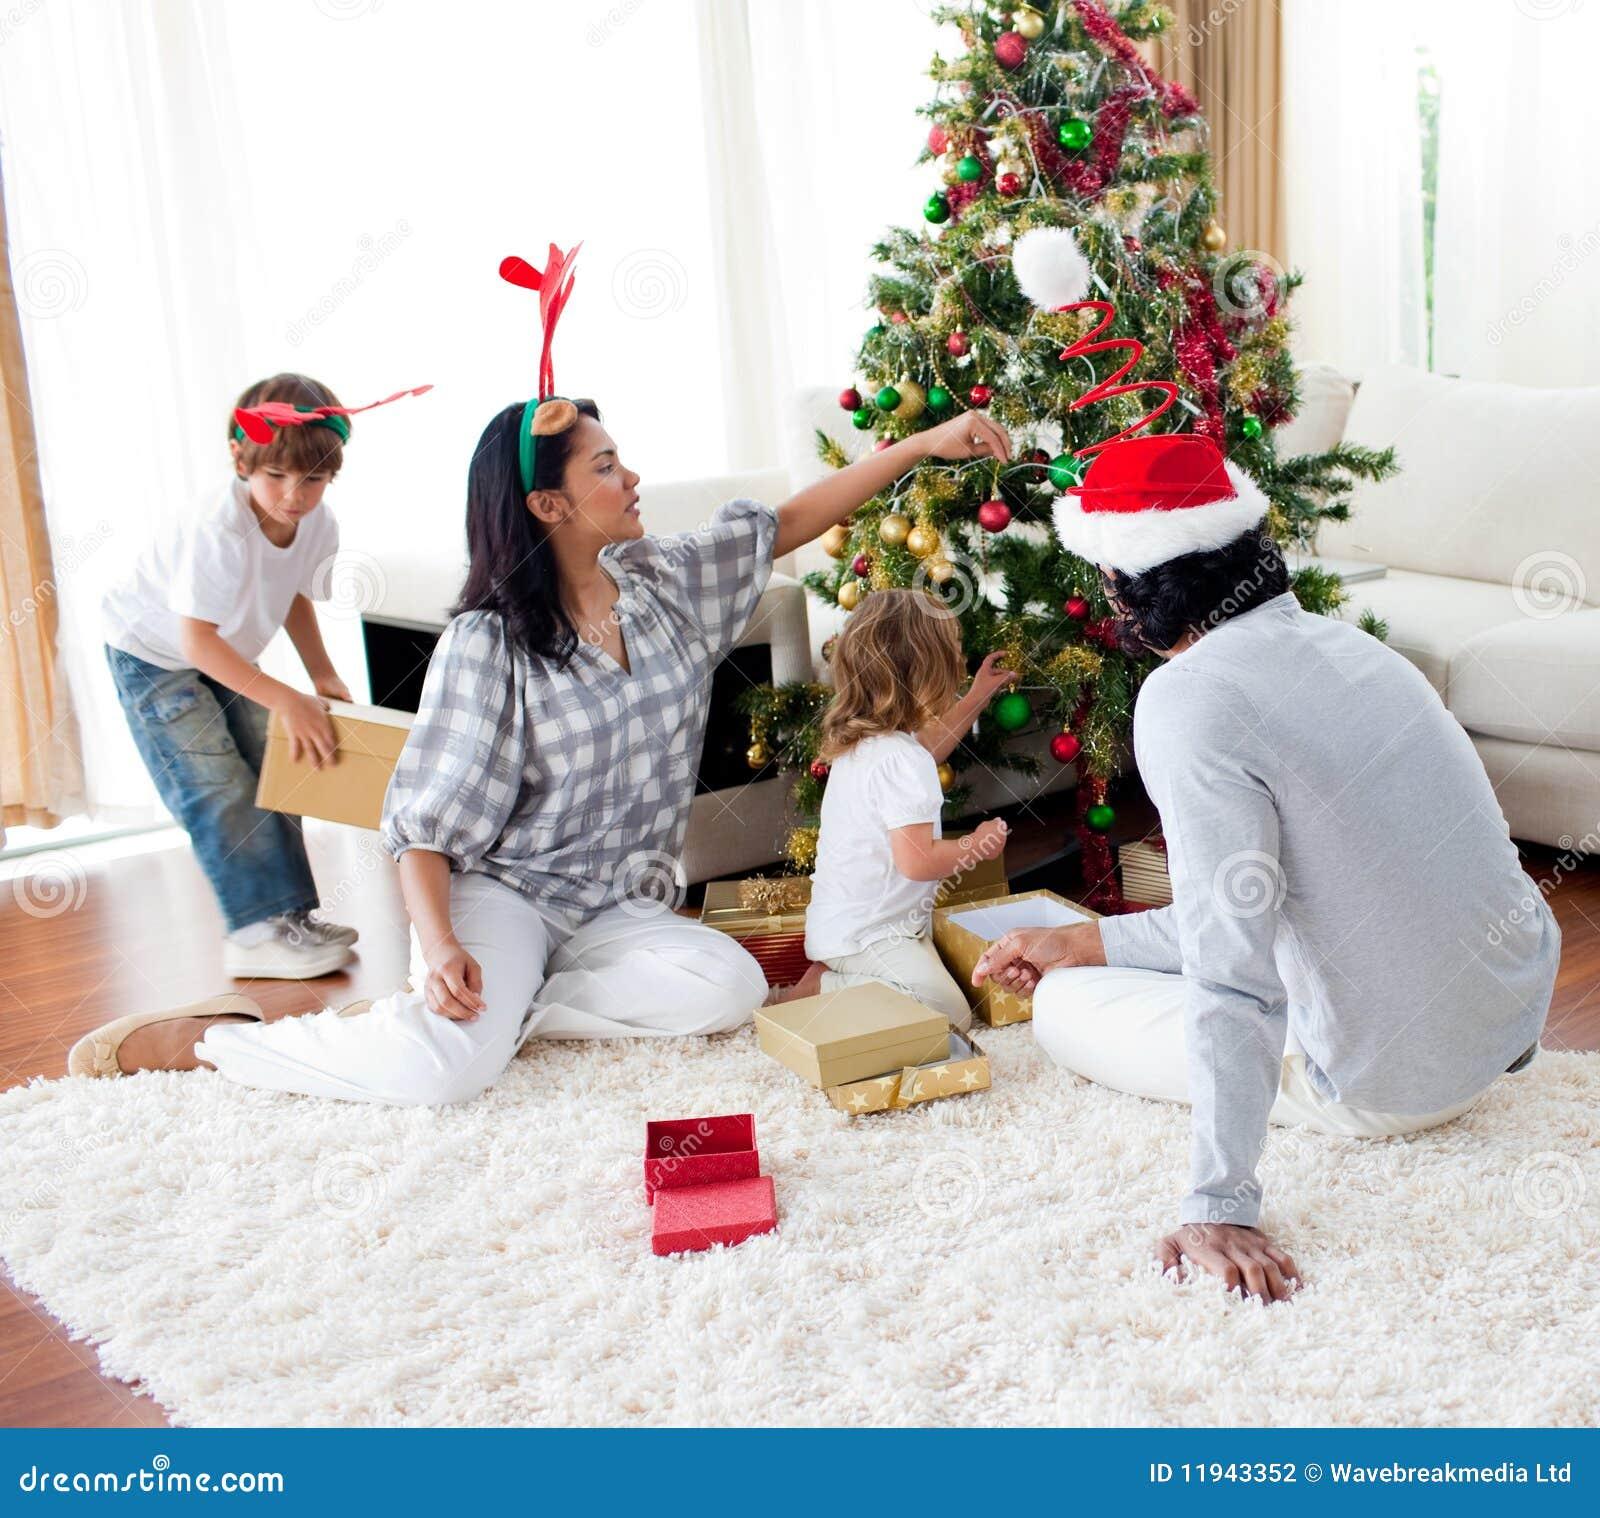 Foto Di Natale Famiglia.Famiglia Che Decora Un Albero Di Natale Fotografia Stock